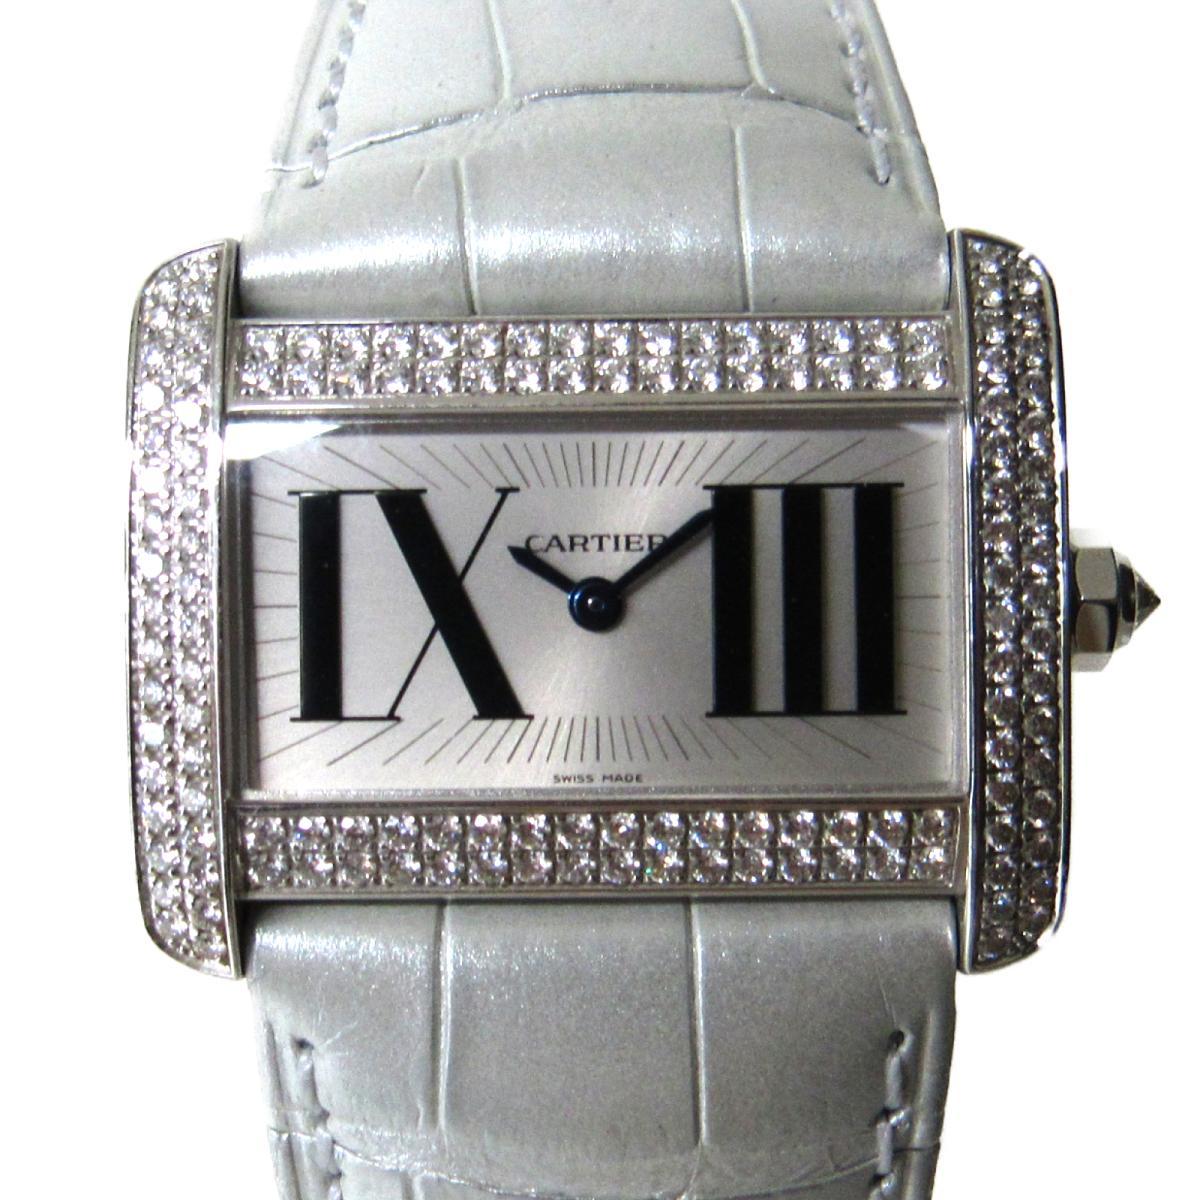 低価格の 【】 カルティエ ミニタンクディヴァン 腕時計 ウォッチ レディース K18WG (750)ホワイトゴールド x ダイヤモンド シルバー ホワイト (WA301571) | Cartier BRANDOFF ブランドオフ ブランド ブランド時計 ブランド腕時計 時計, 布団モール f2a81066